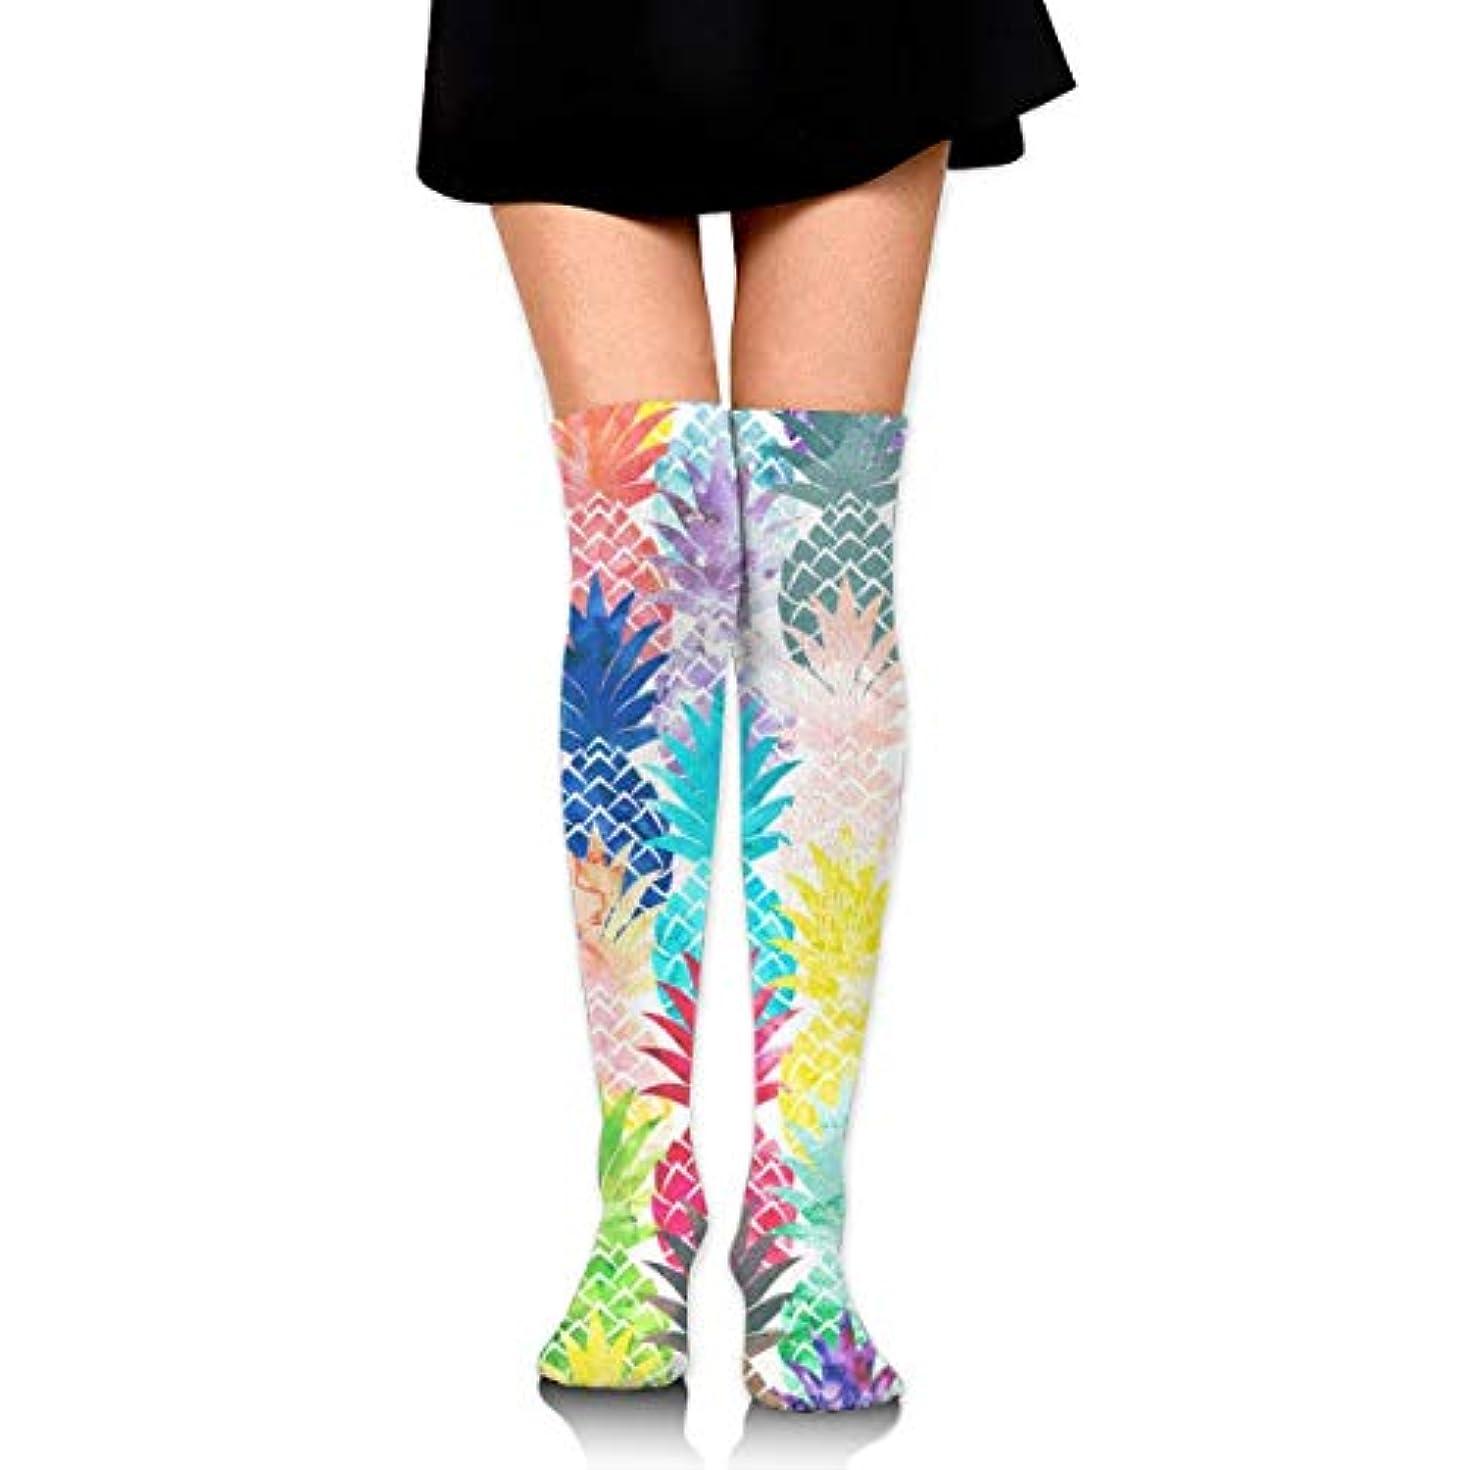 からかう笑いアフリカMKLOS 通気性 圧縮ソックス Breathable Classic Warmer Tube Leg Stockings Magic Mermaid Fish Scales (5) Exotic Psychedelic...